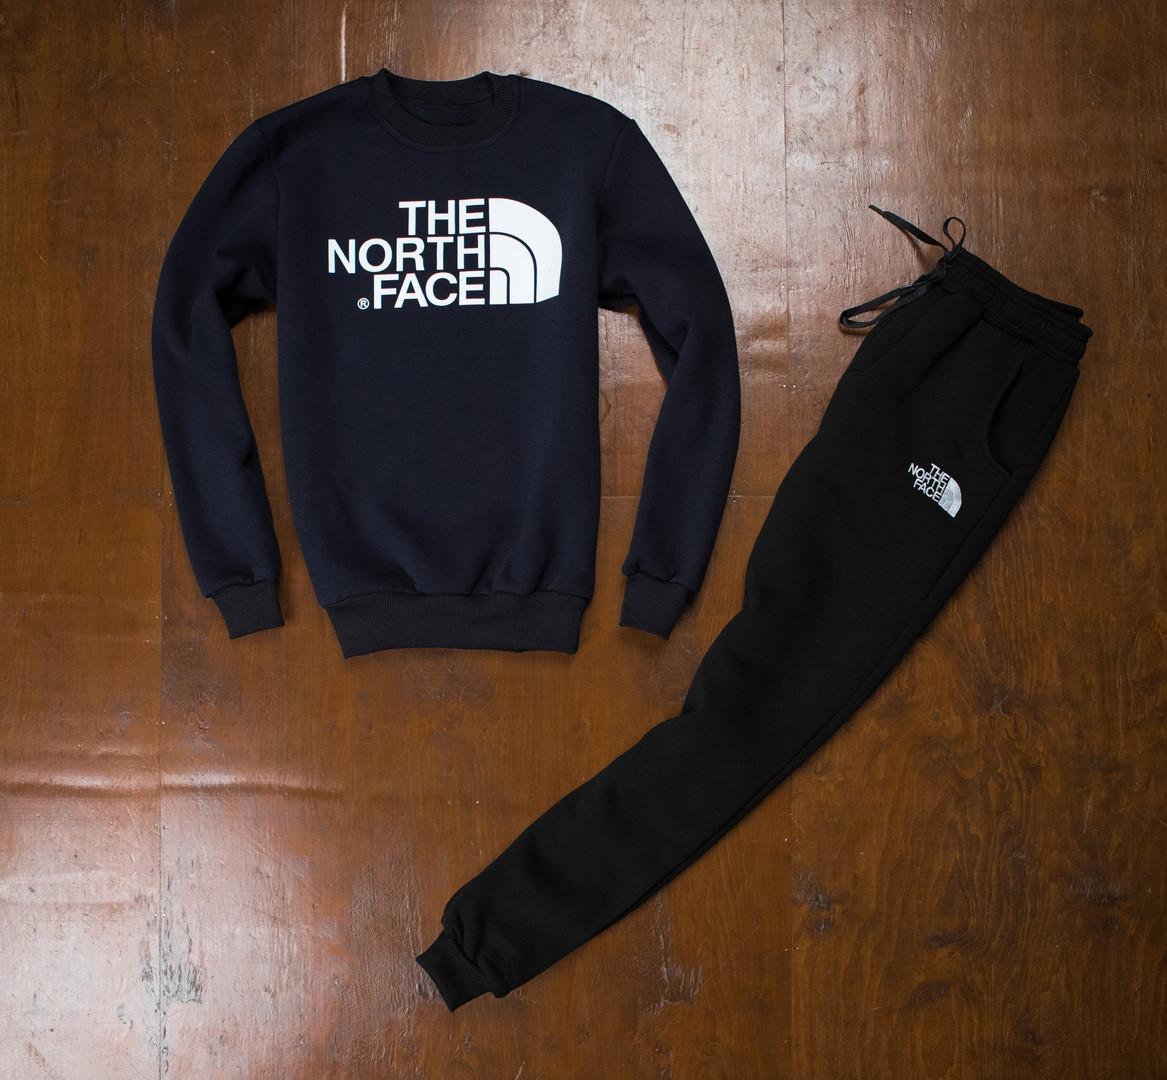 Теплый спортивный костюм The North Face сине-черный топ реплика